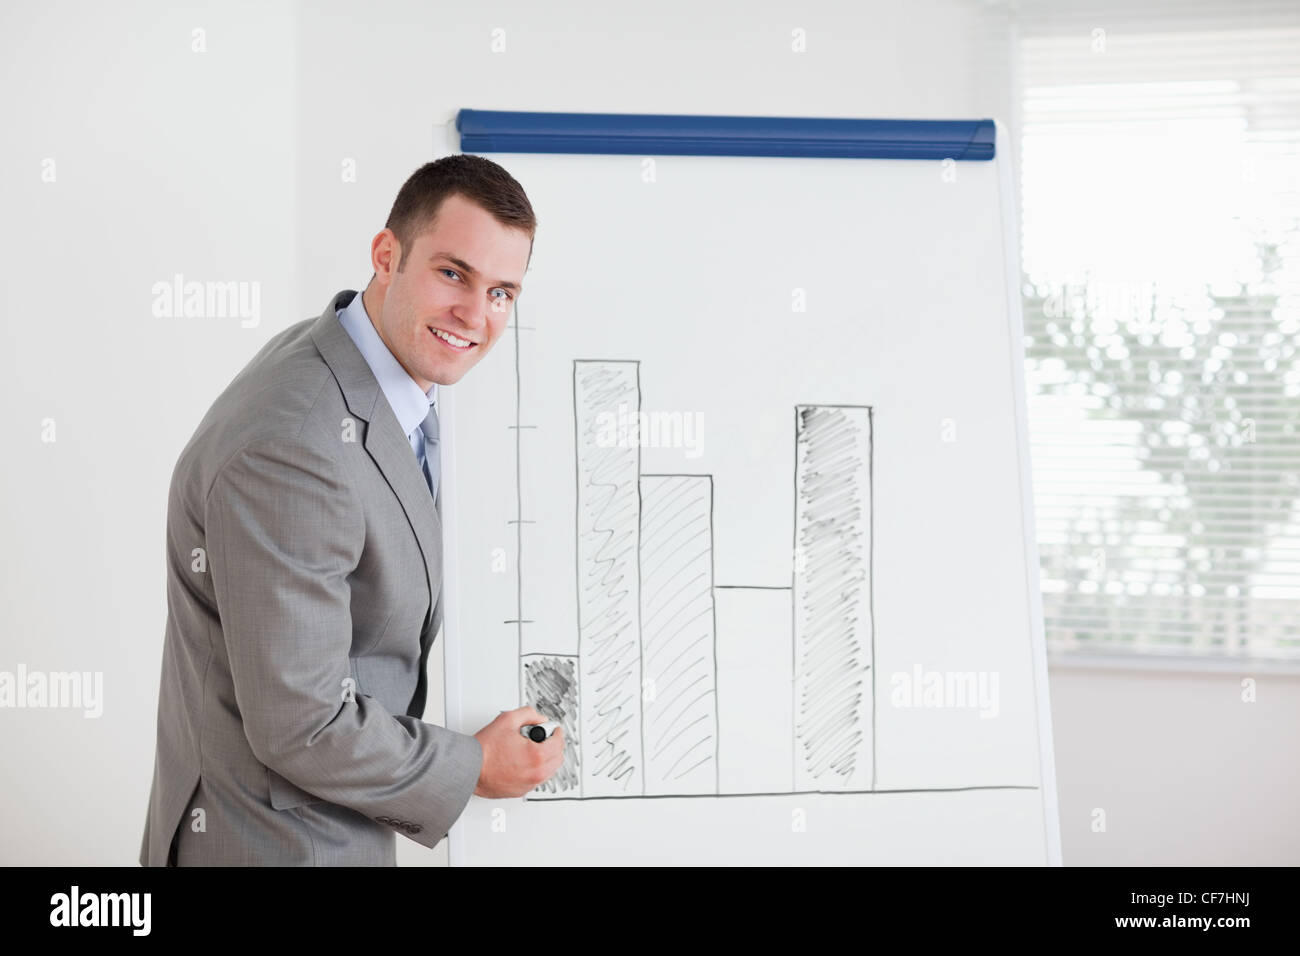 Imprenditore sorridente editing grafico a colonna Immagini Stock